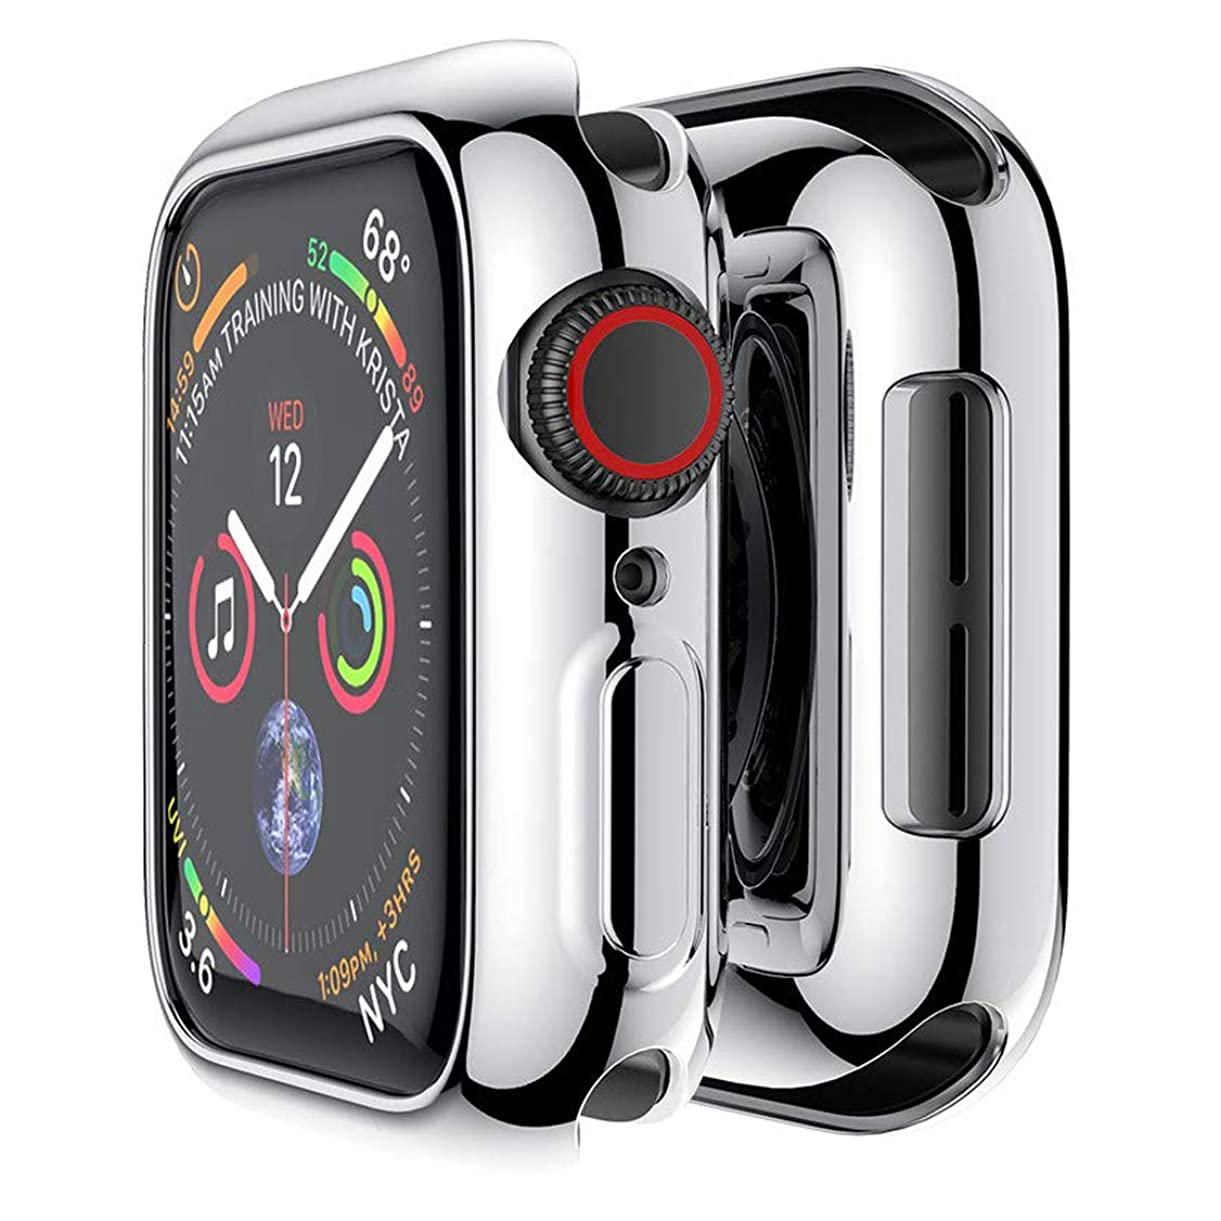 畝間切り下げ競合他社選手HANKN 対応 Apple Watch ケース メッキ TPU 耐衝撃 カバー 保護 アップルウォッチ カバー シリーズ 4 / シリーズ 5 柔軟四辺簿脱着簡単傷付きプロテクターバンパー Apple iWatch Case Series 5 / 4 (44mm, 銀)